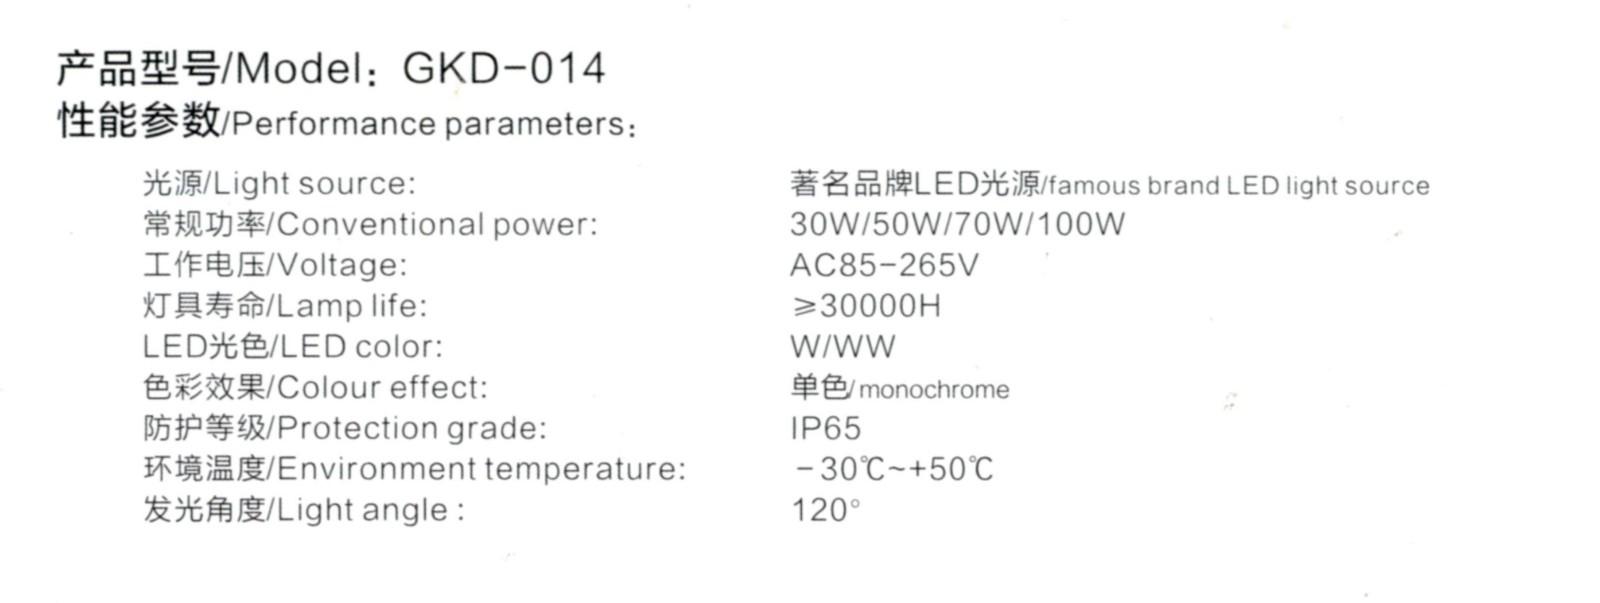 LED工矿灯Model∶GKD-014参数.jpg